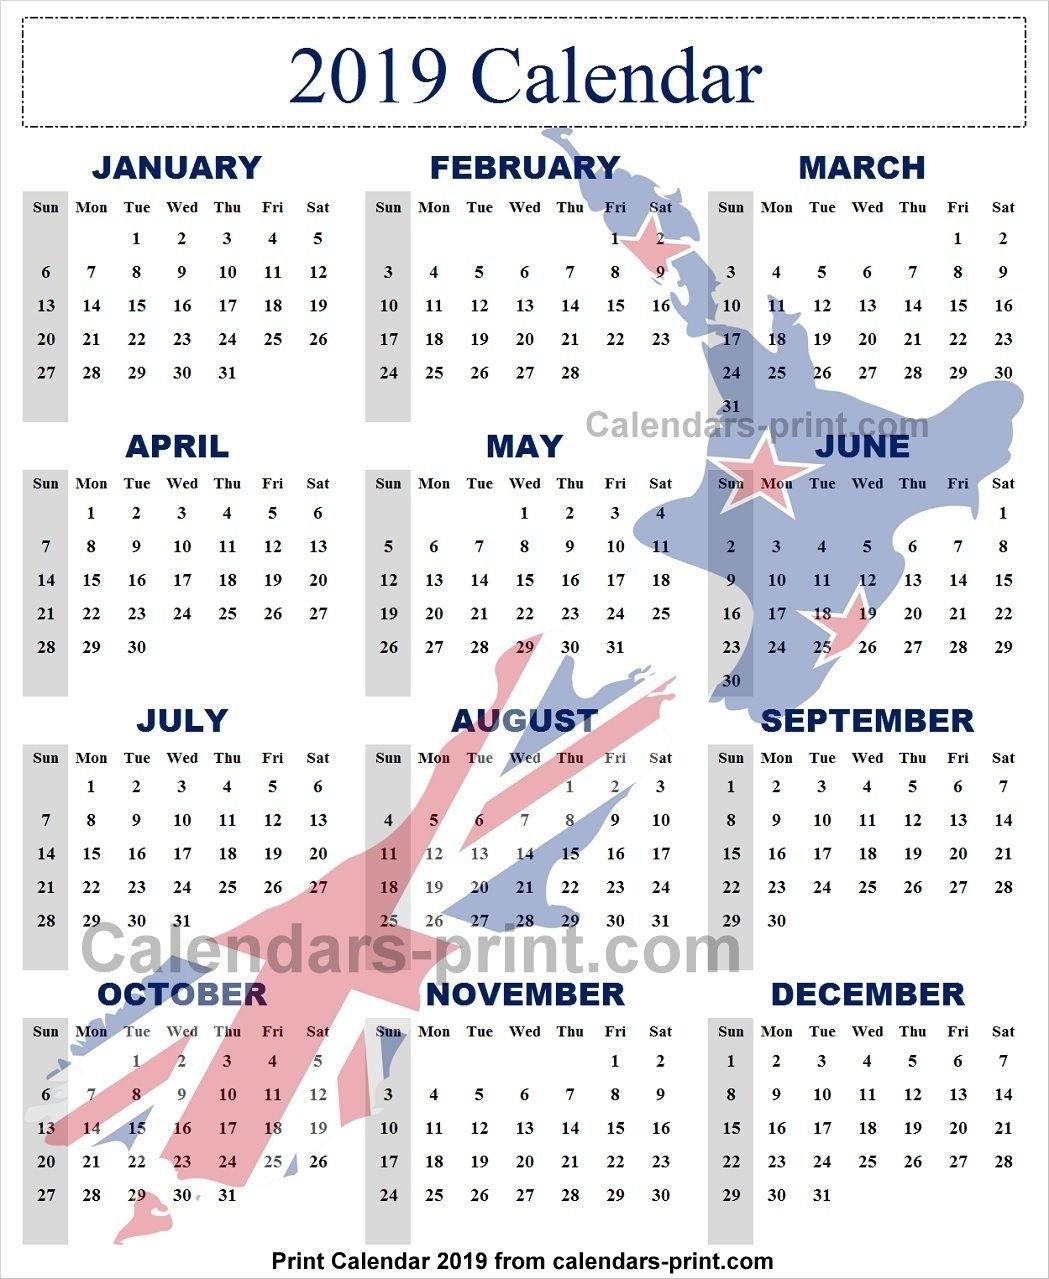 2019 Year Calendar Nz | 2019 Yearly Calendar | Pinterest | Calendar 2019 Calendar Nz